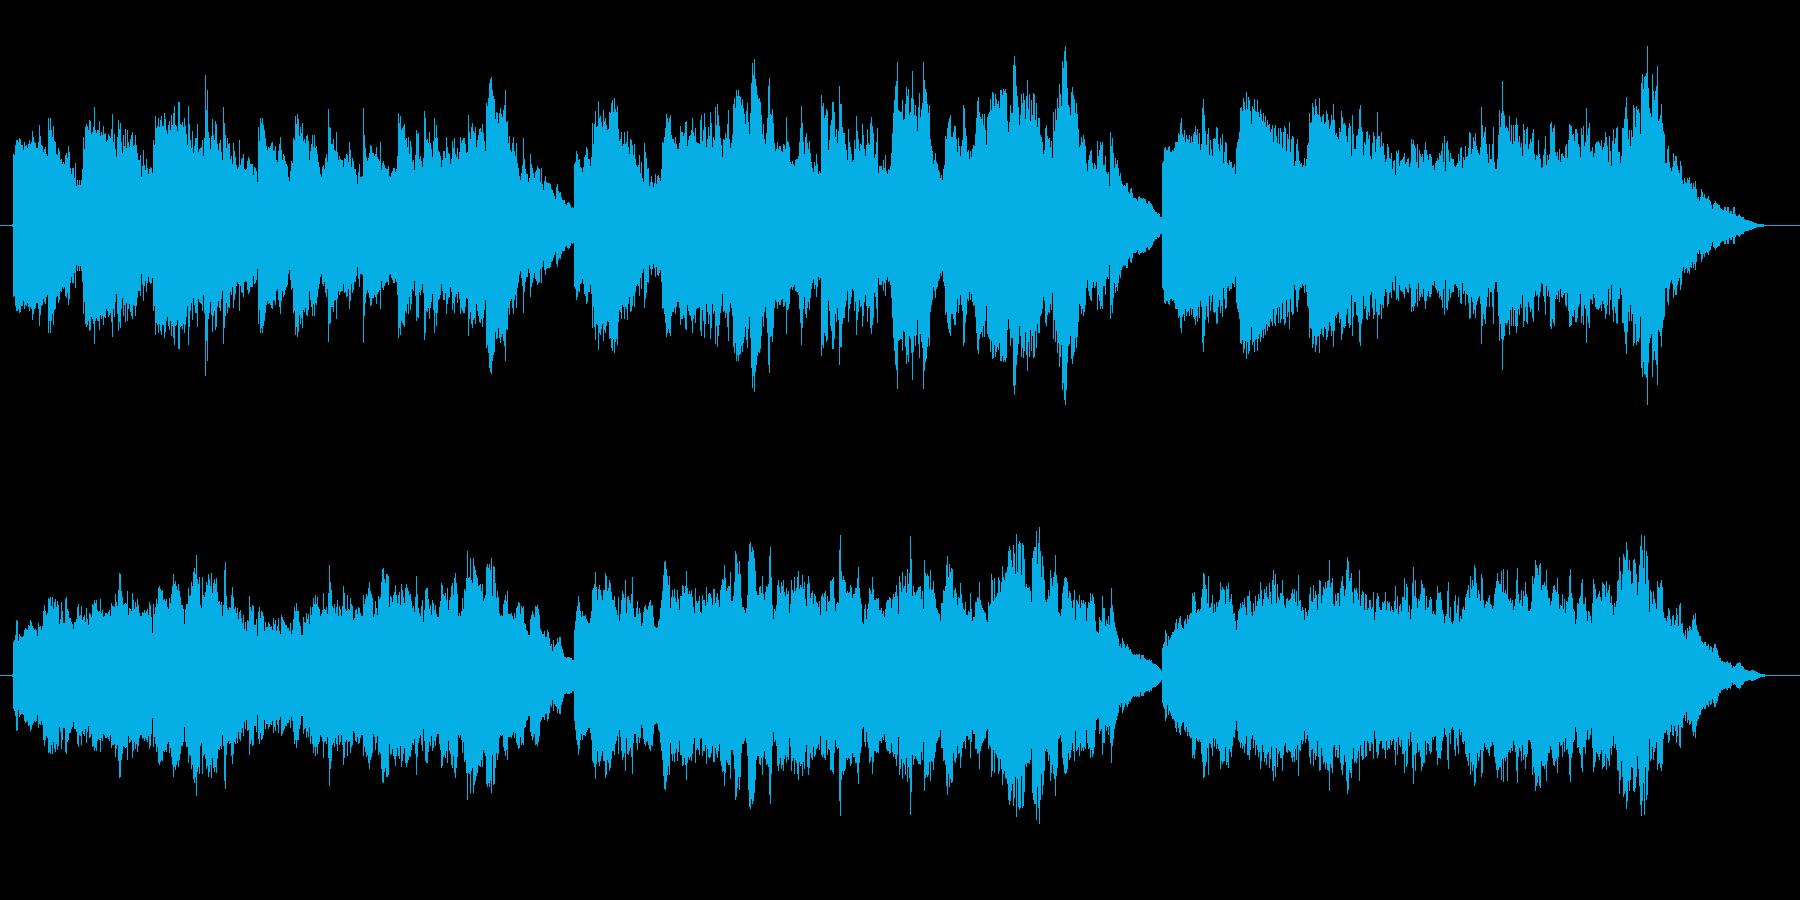 しっとり切ないストリングスBGMの再生済みの波形